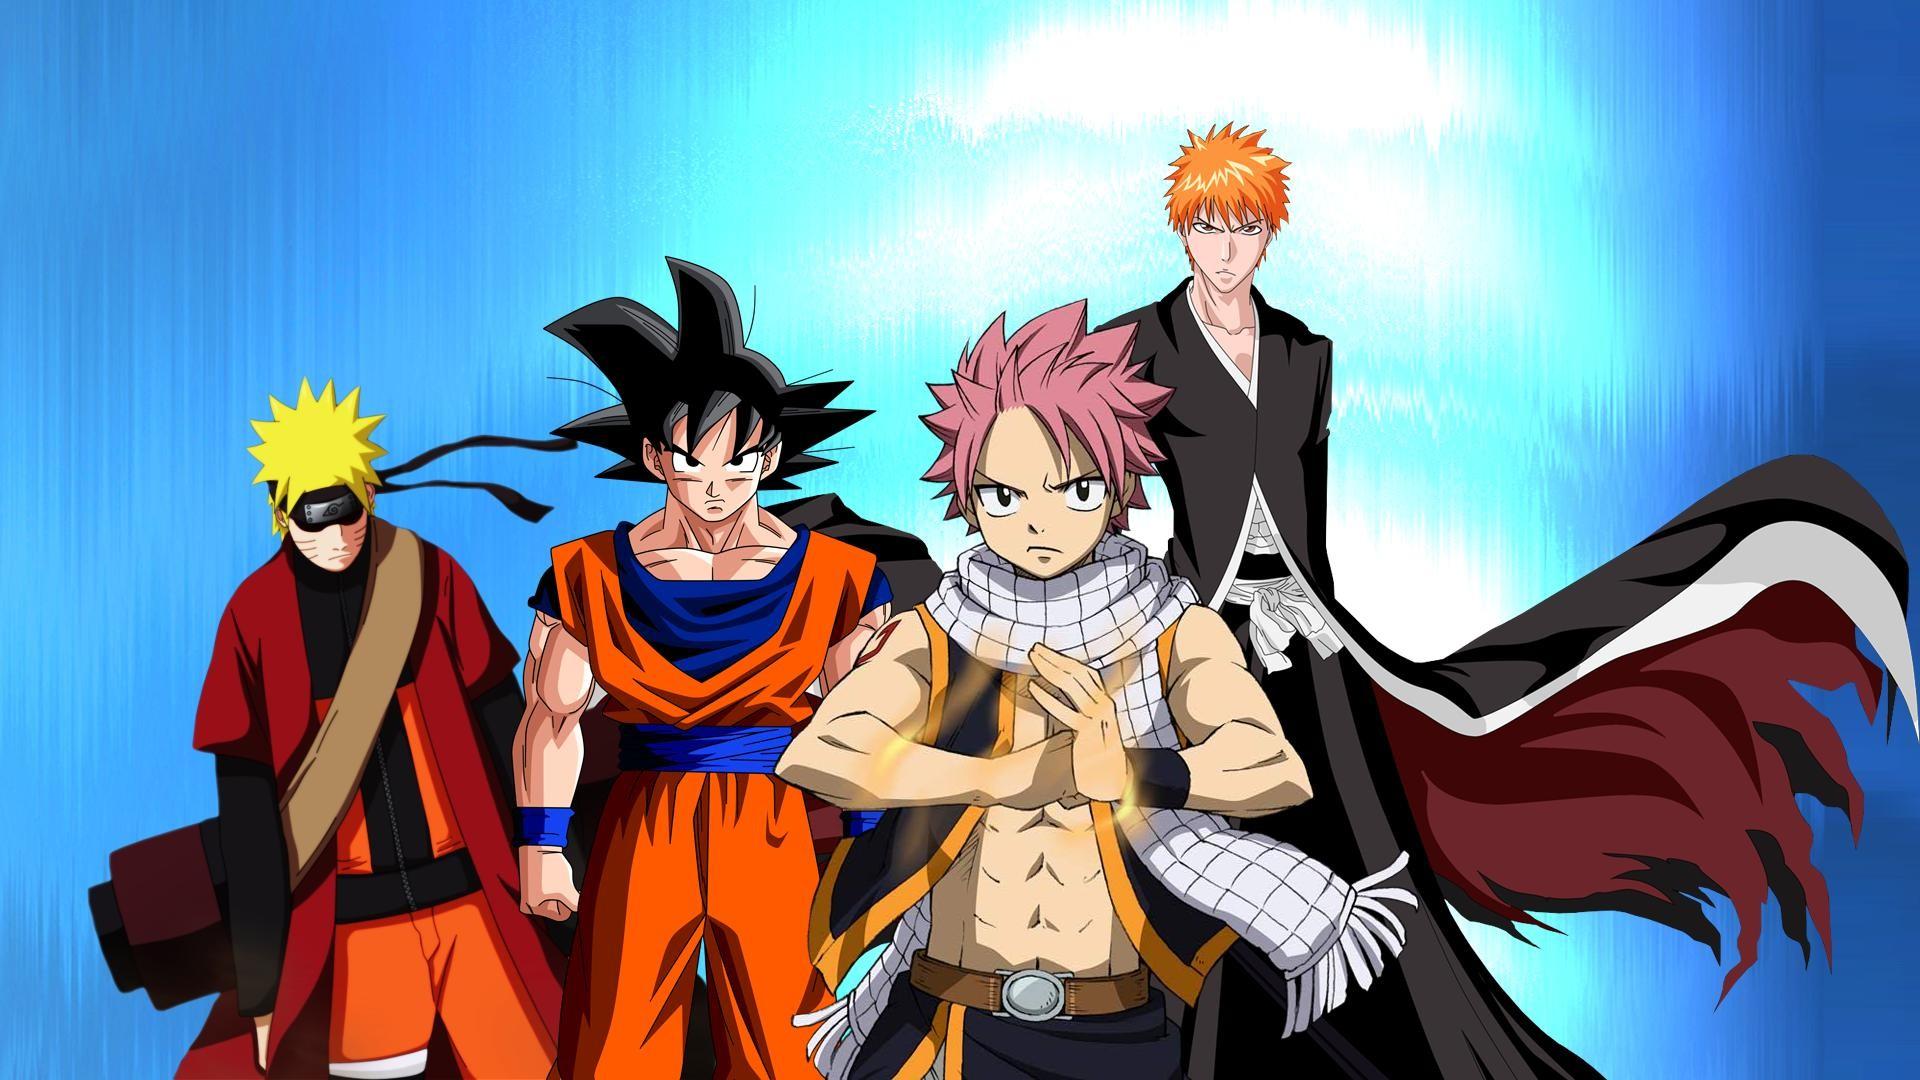 Goku And Naruto Wallpaper Wallpapersafari